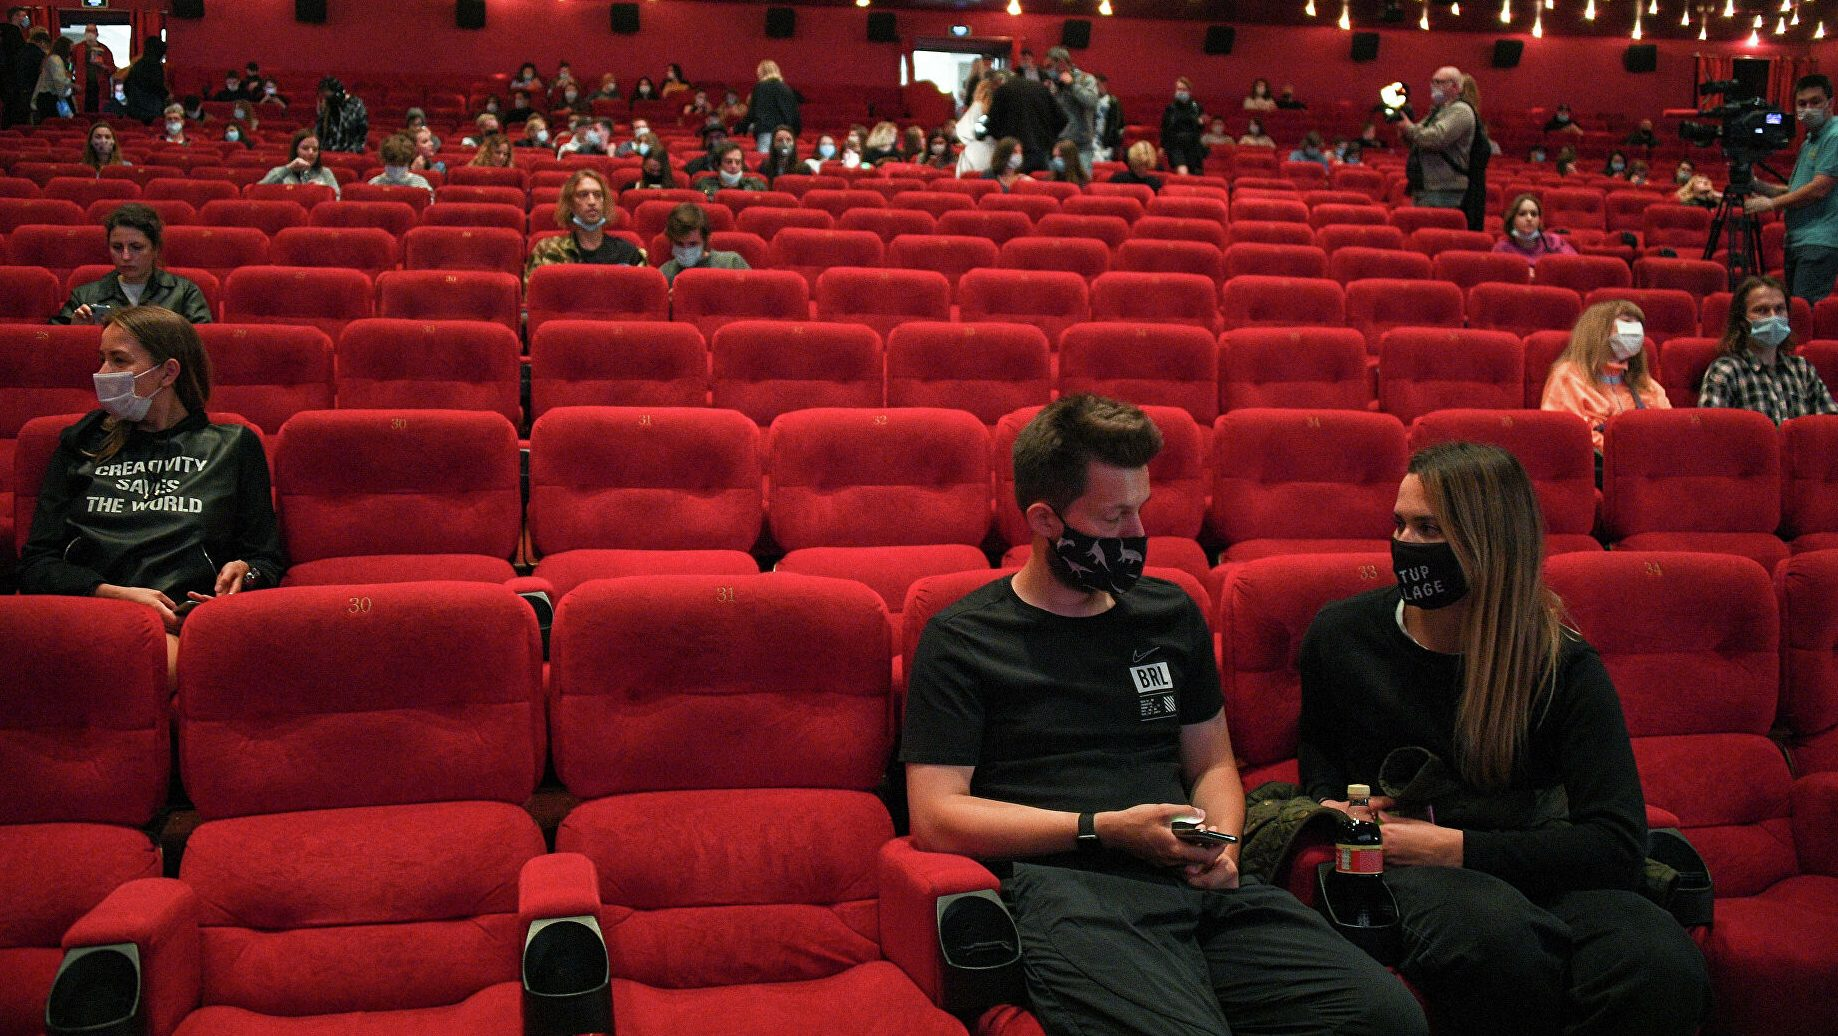 В кинотеатрах России будут предупреждать о длительности рекламы